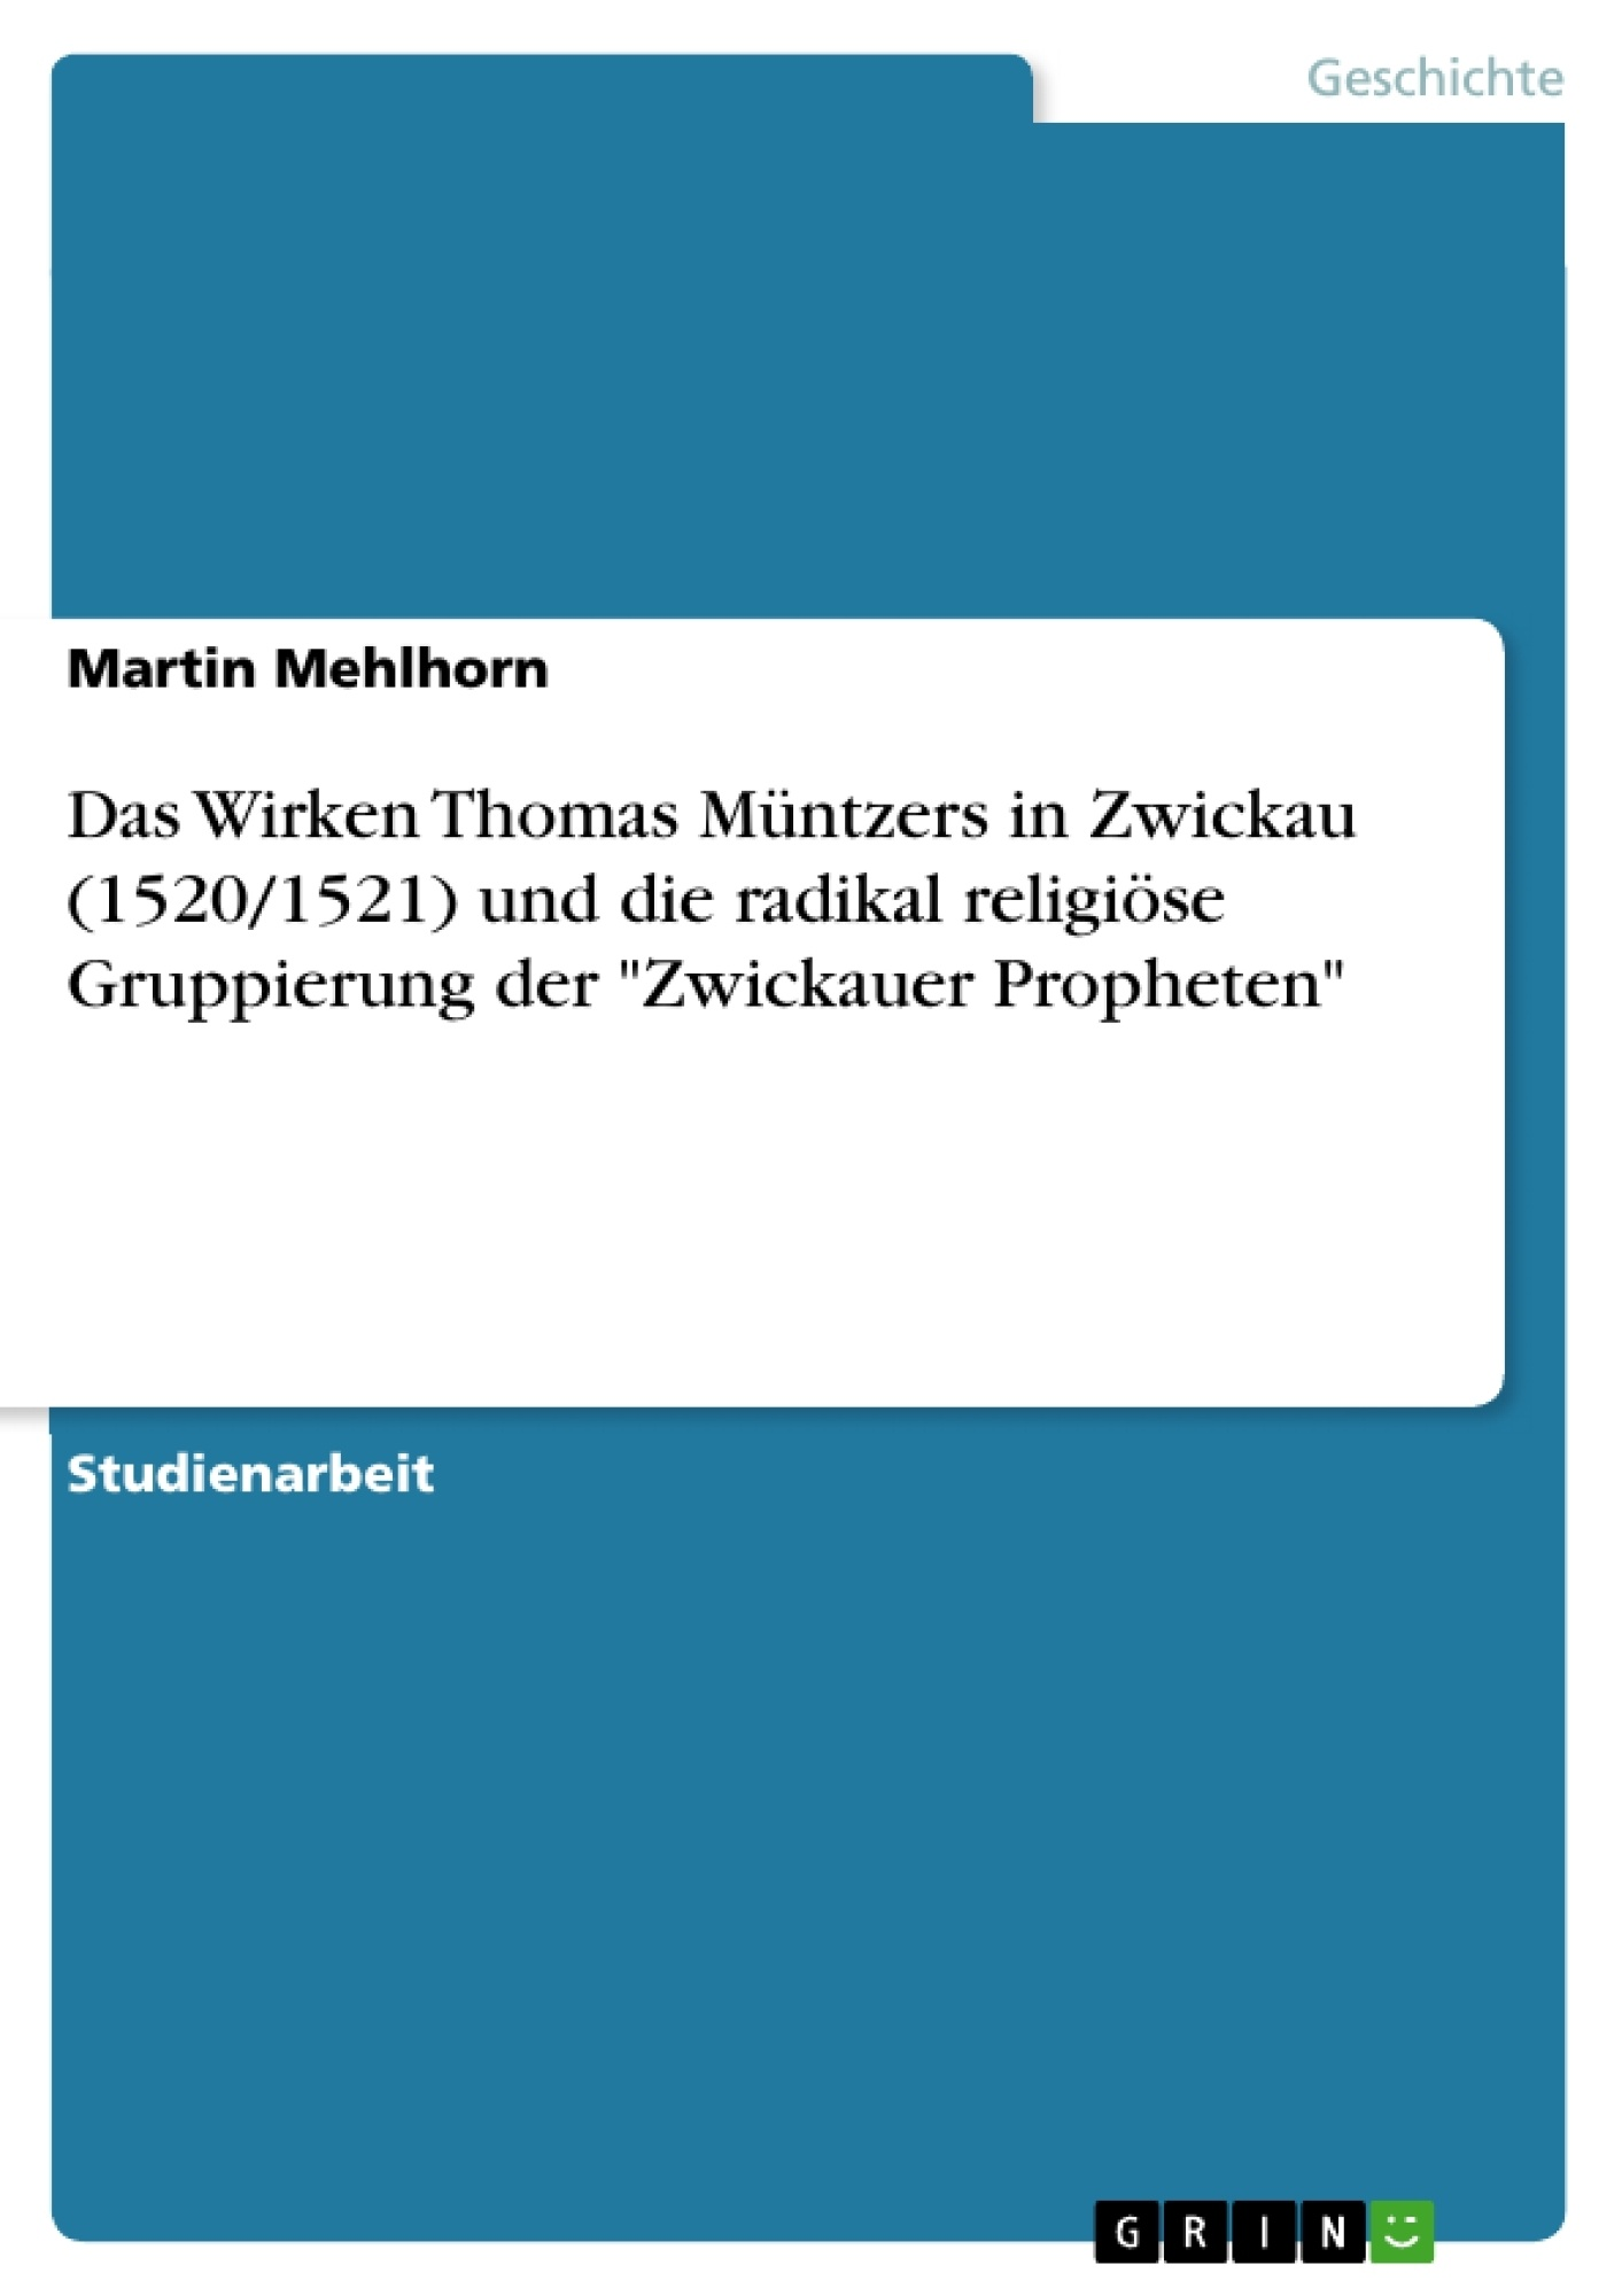 """Titel: Das Wirken Thomas Müntzers in Zwickau (1520/1521) und die radikal religiöse Gruppierung der """"Zwickauer Propheten"""""""